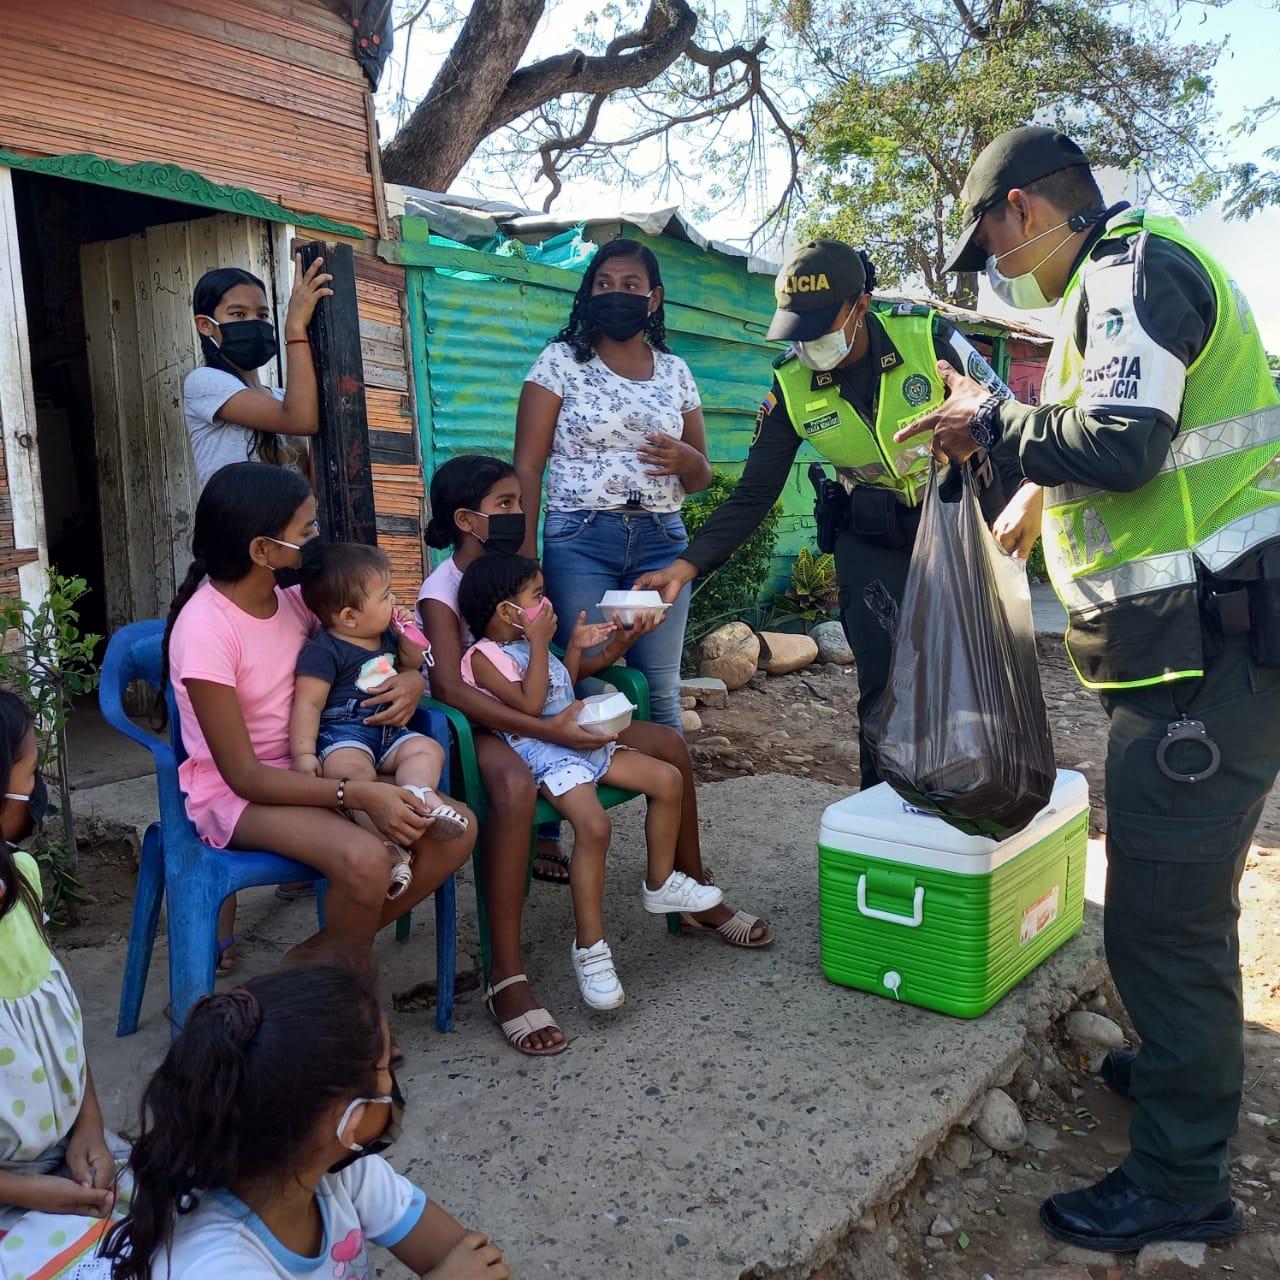 https://www.notasrosas.com/'Los Milagros' en Valledupar, concentraron la atención del Departamento de Policía Cesar